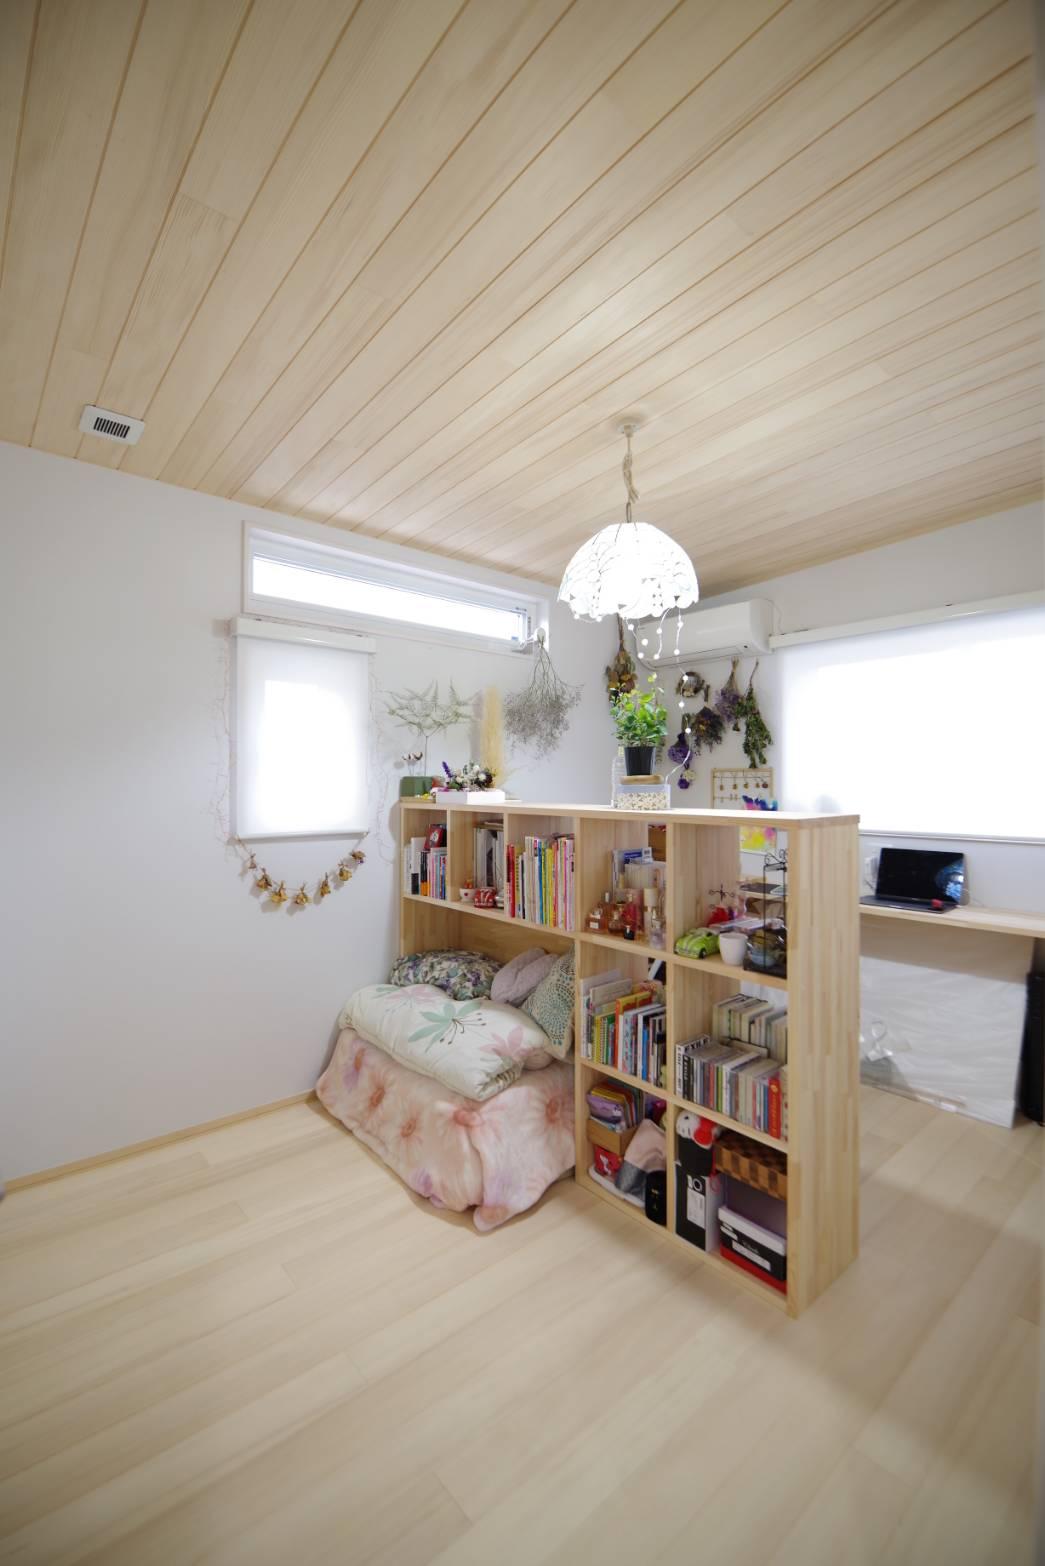 <p>ベッドはこれから。<br />もみの木の内装は可愛い部屋にも。</p> <p>棚と造作机は自由に設計。</p>